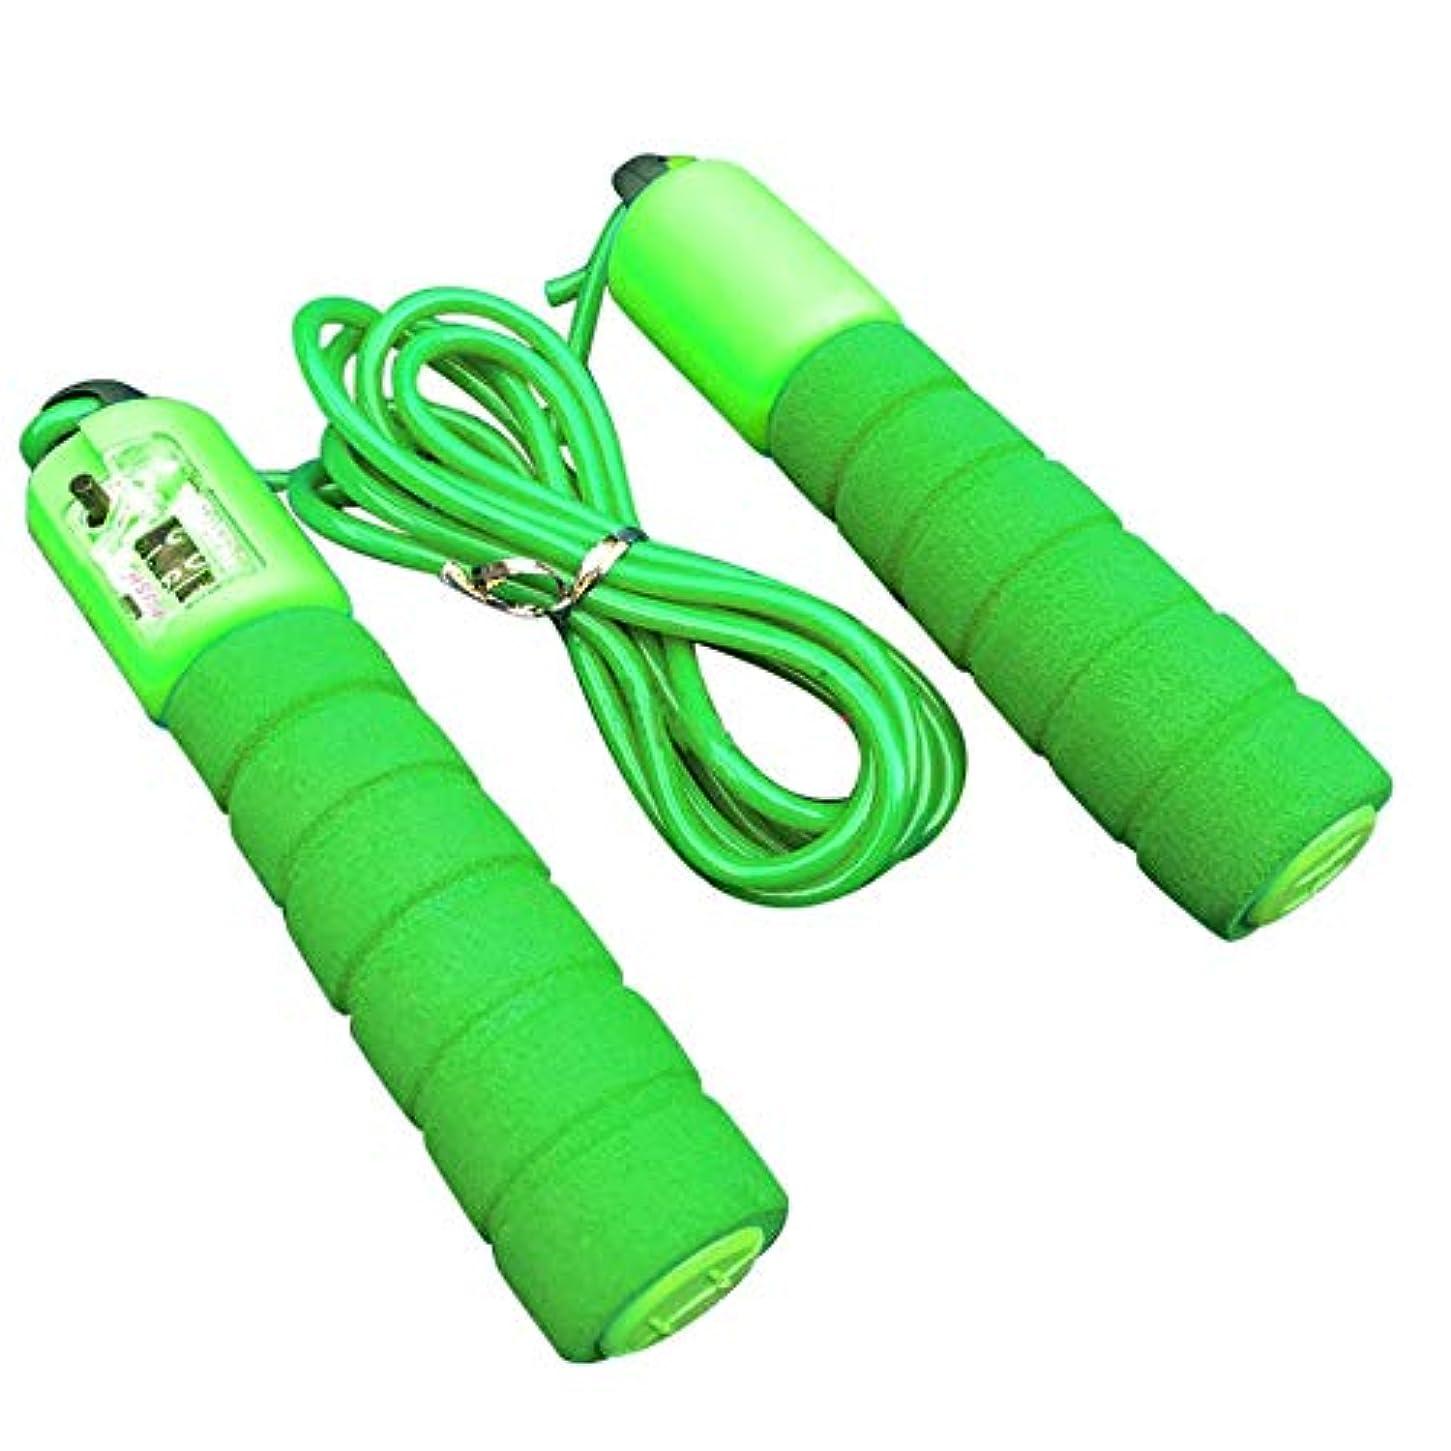 ペインティング緑柔和調節可能なプロフェッショナルカウント縄跳び自動カウントジャンプロープフィットネス運動高速カウントジャンプロープ - グリーン